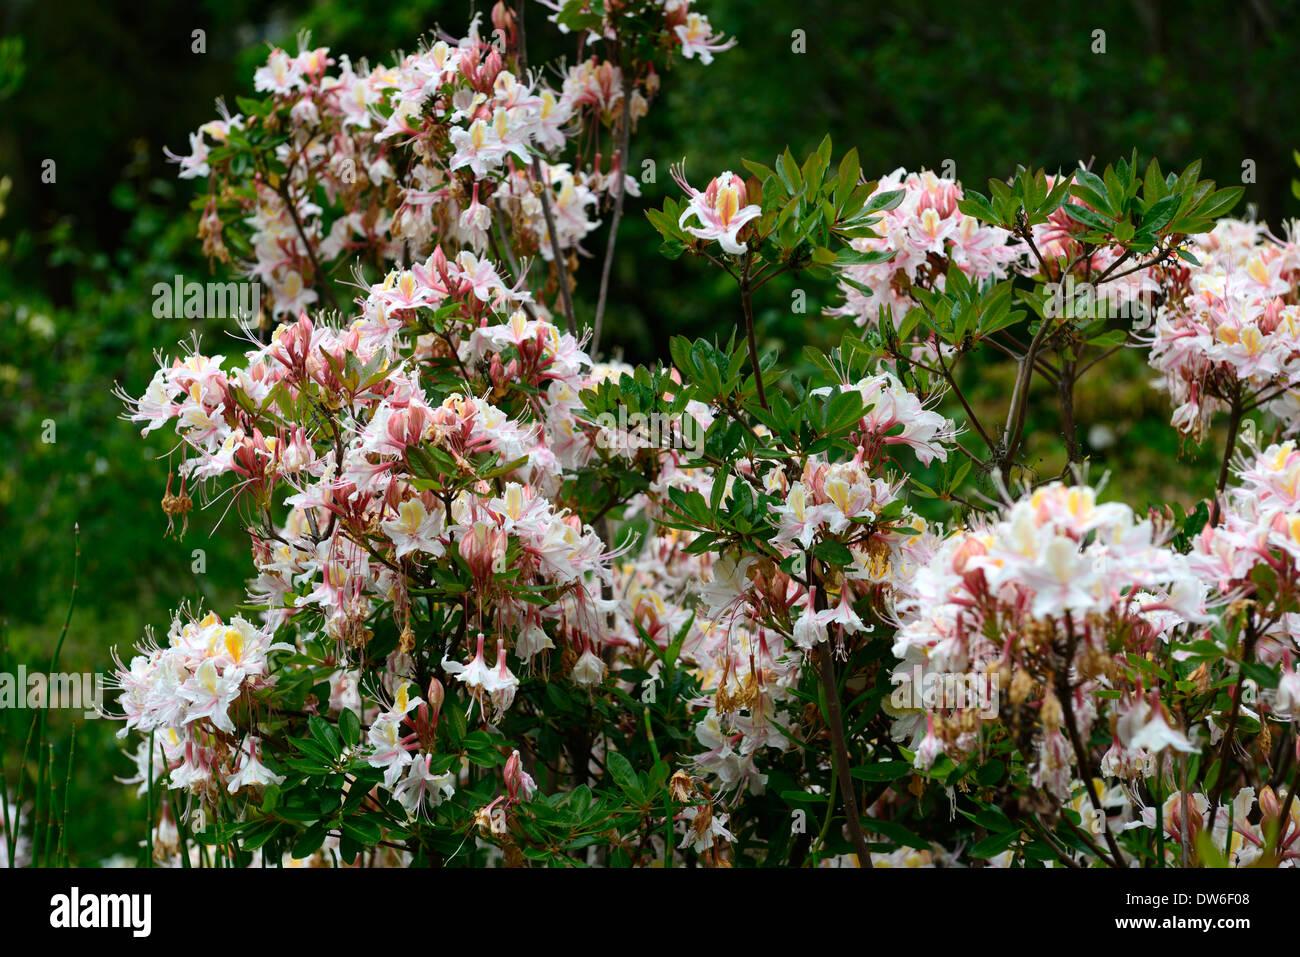 Rhododendron occidentale western azalea white pink flowers flower rhododendron occidentale western azalea white pink flowers flower flowering evergreen green leaves foliage tree trees mightylinksfo